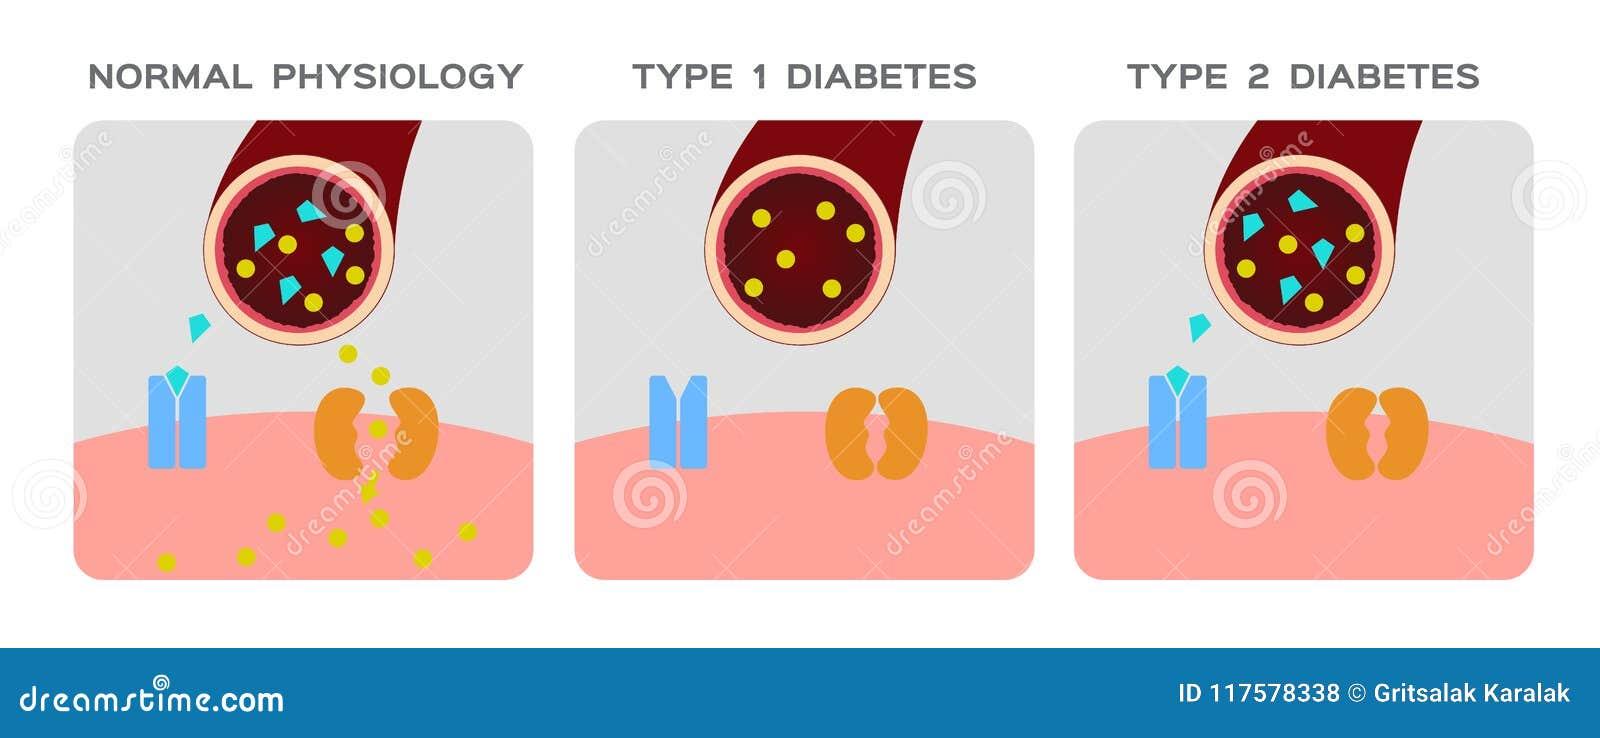 animaciones de diabetes mellitus tipo 2